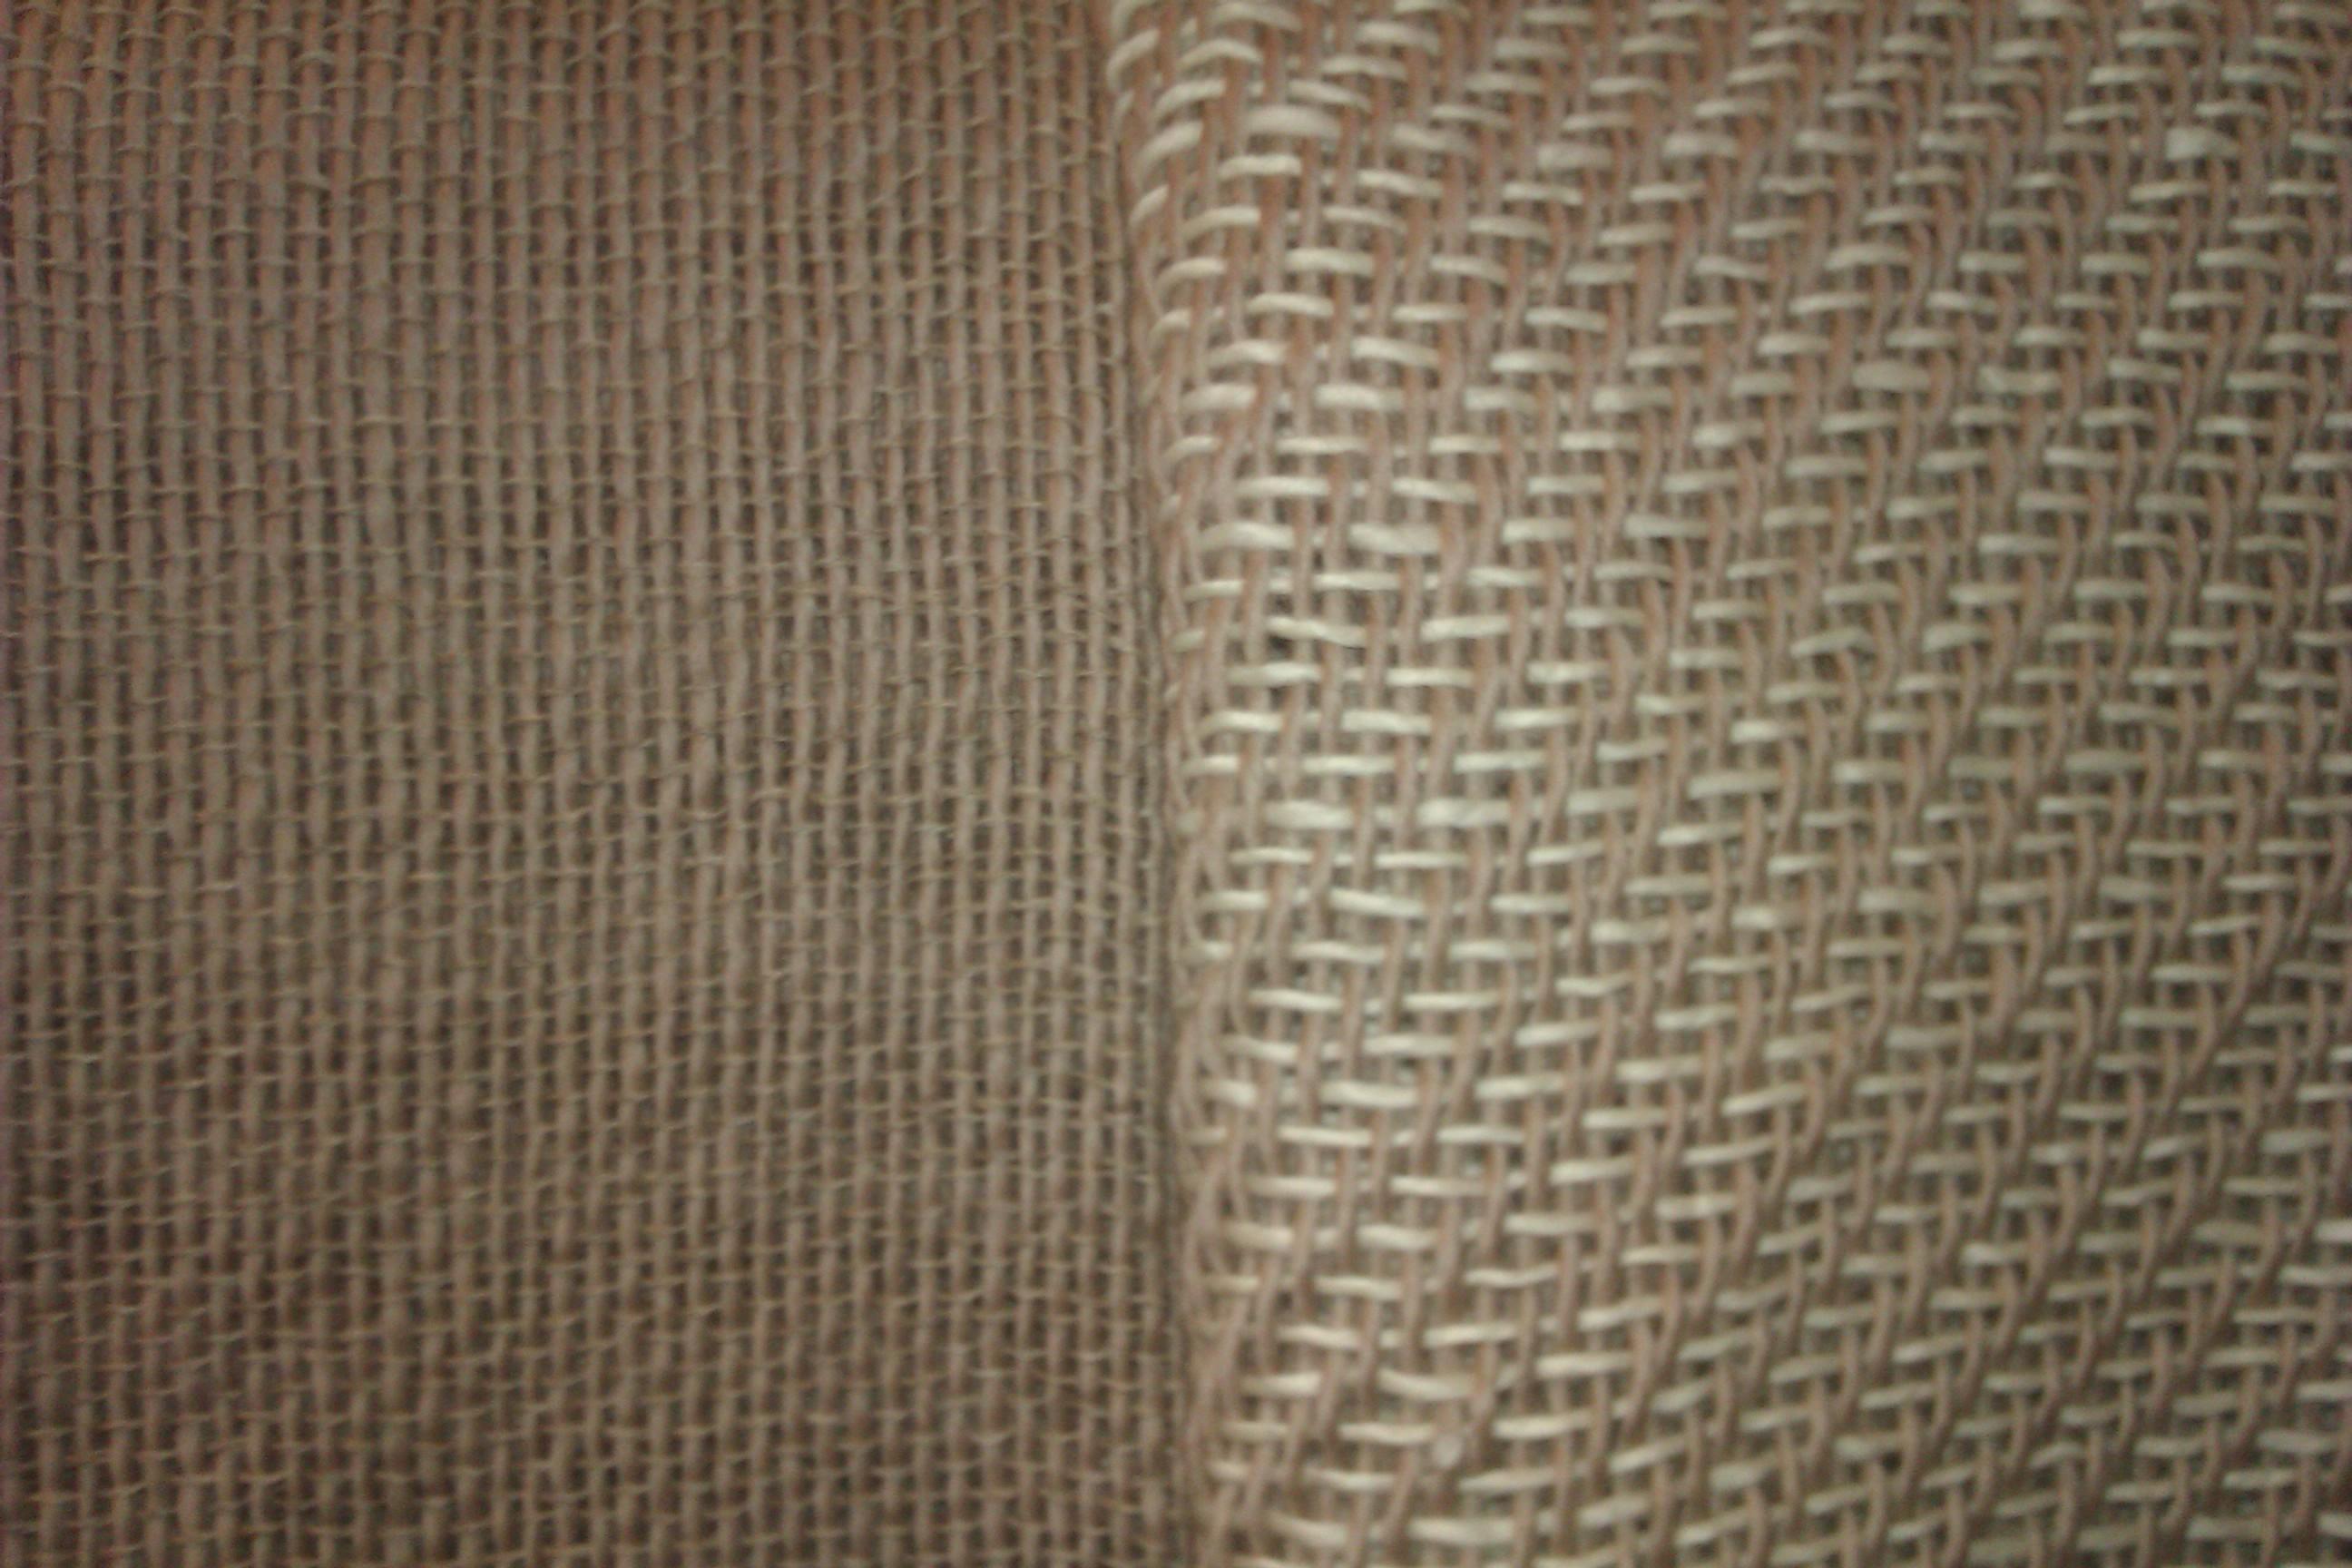 Detalle de los dos tejidos, uno en tafetan con Mohair y el otro con Merina cruda..